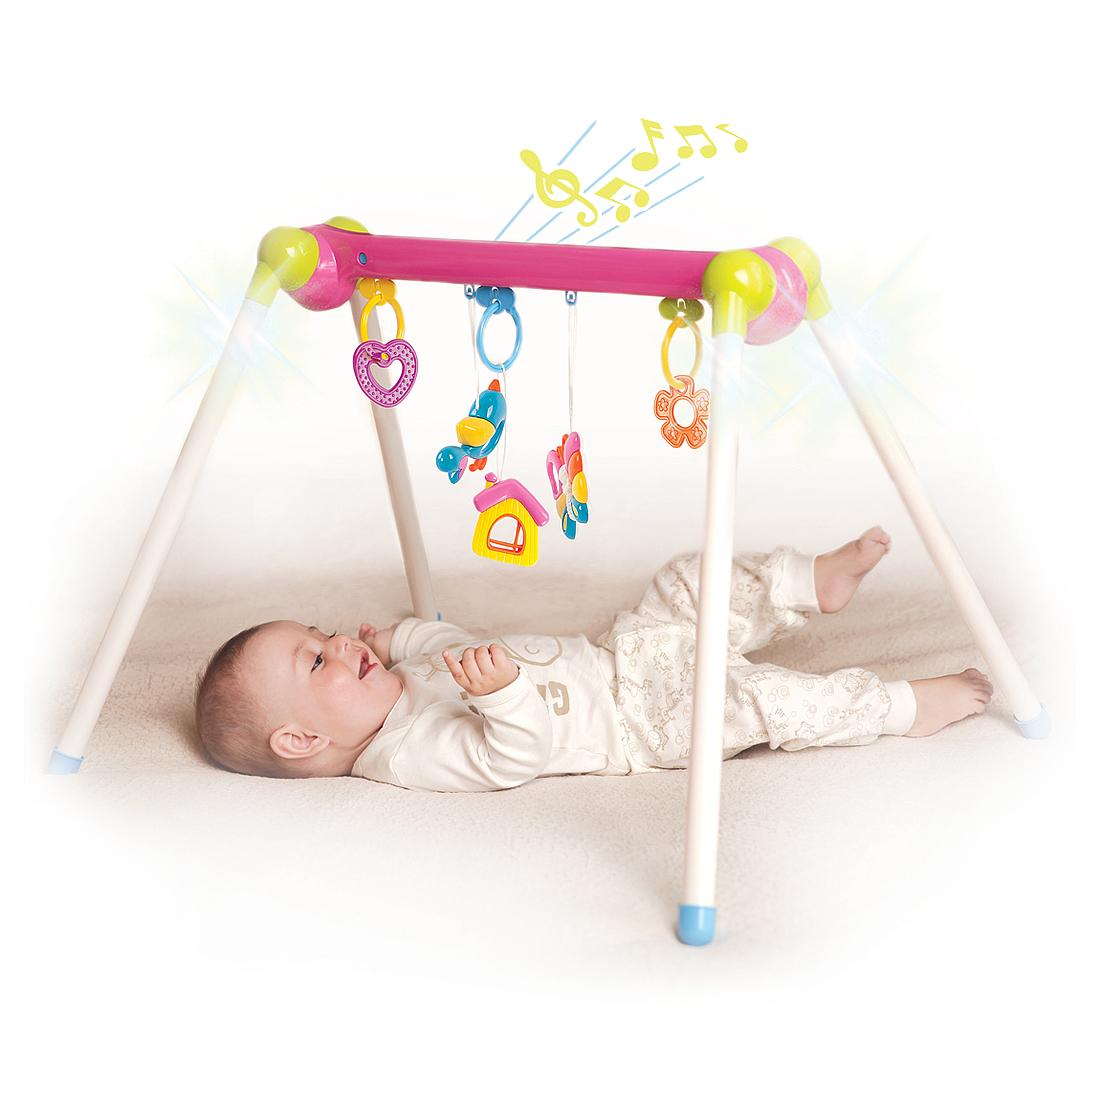 Развивающие игрушки для малышей Наша игрушка Первые занятия гимнастикой